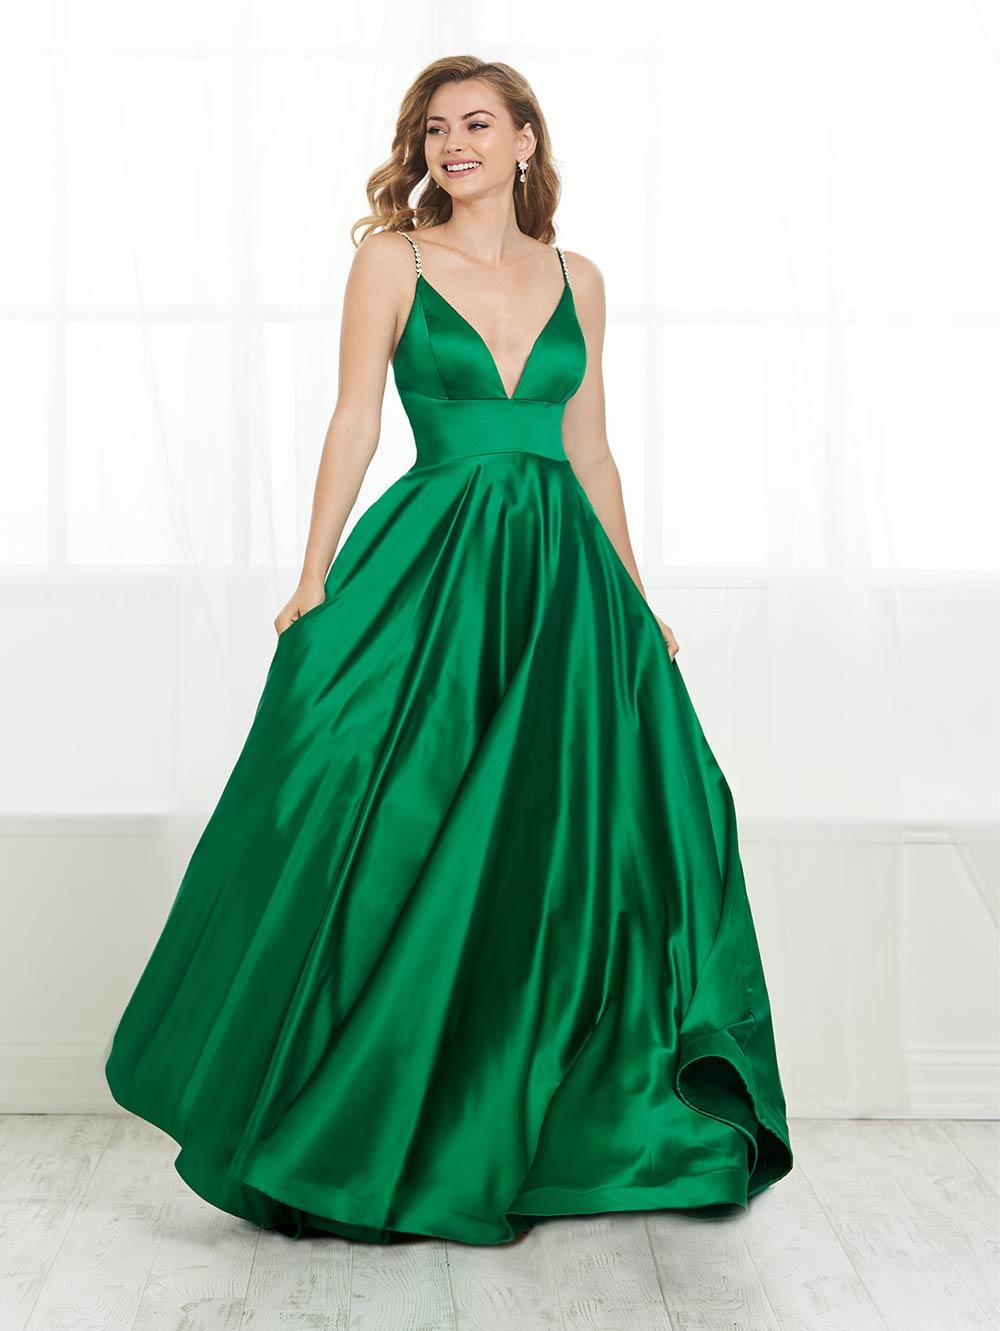 prom-dresses-jacquelin-bridals-canada-27635